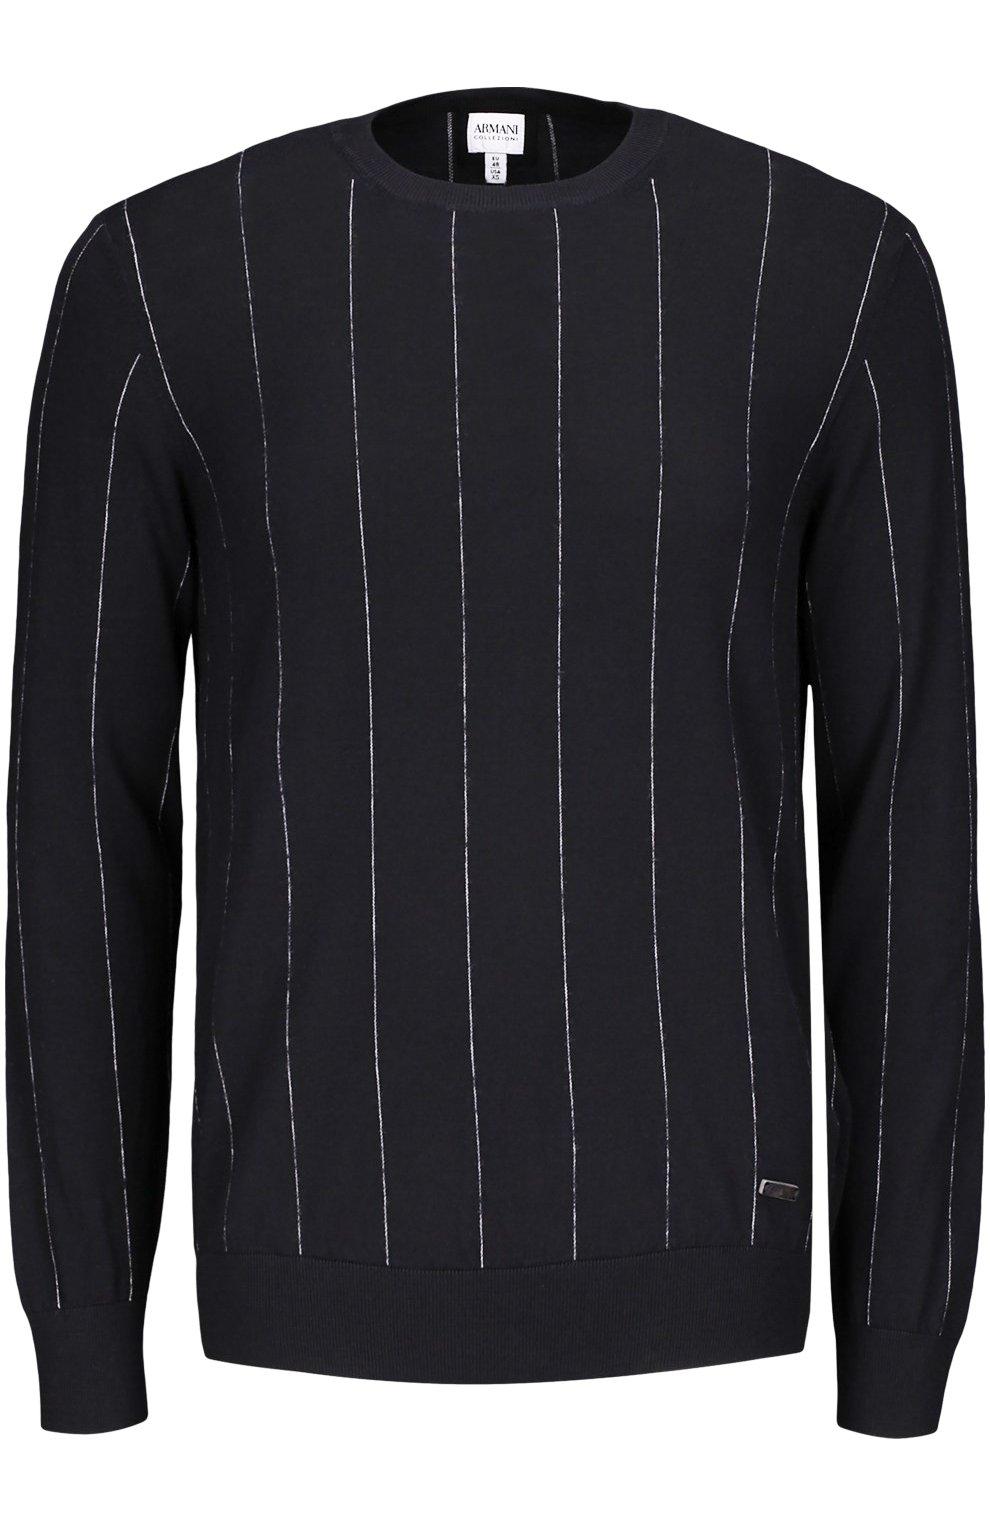 Вязаный пуловер черный с доставкой